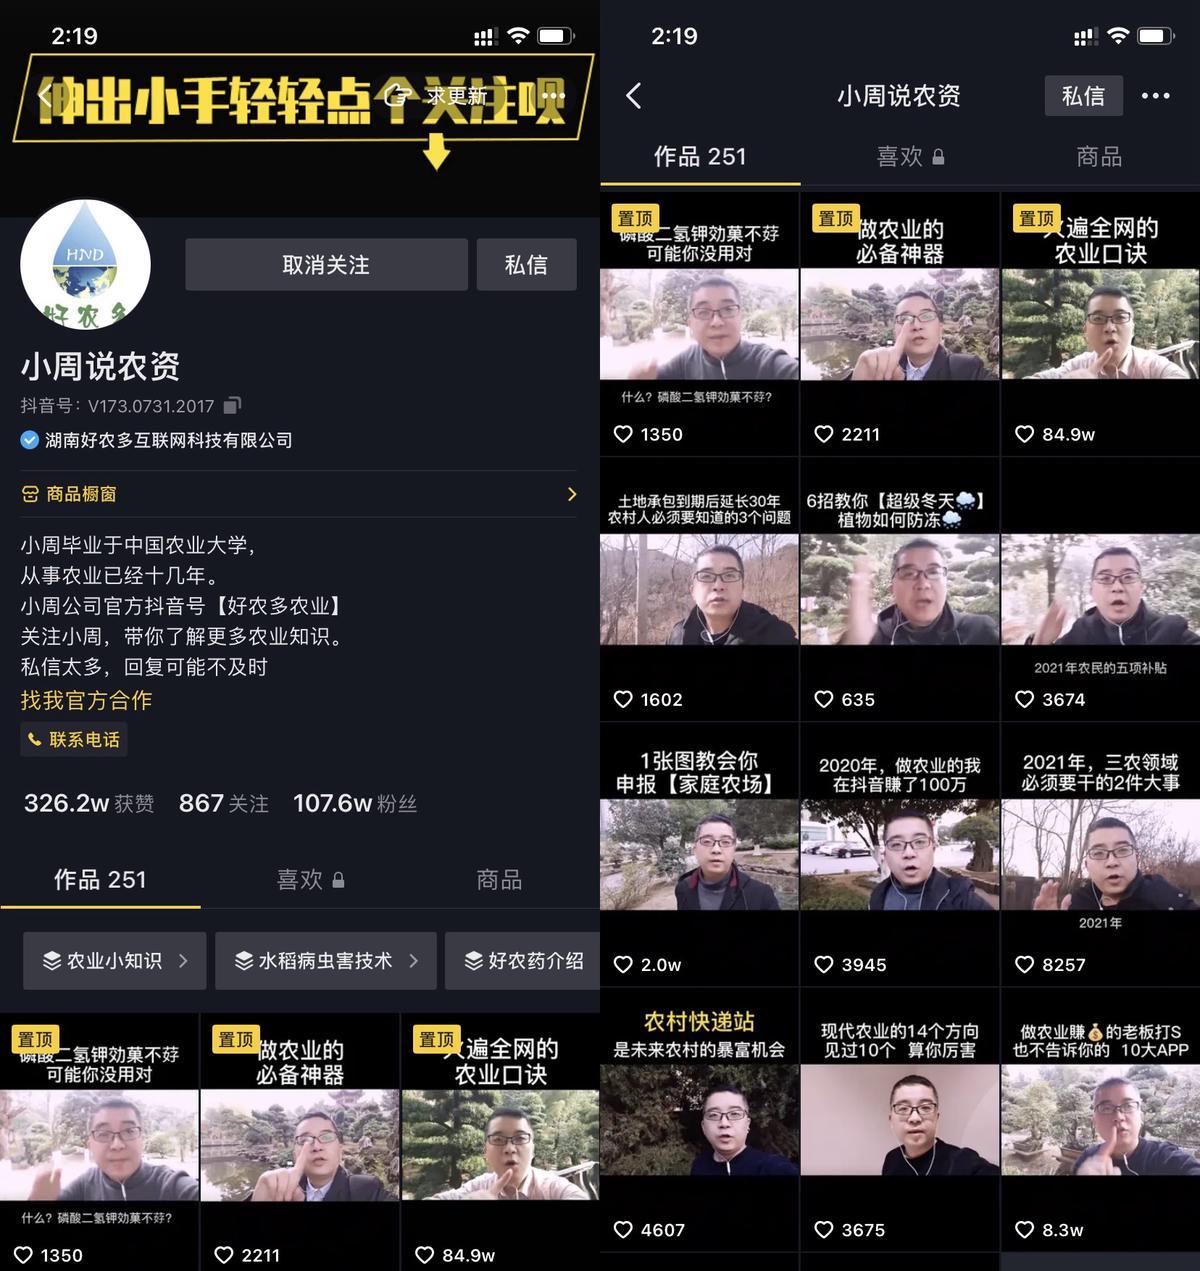 抖音号小周说农资:(周昌南)985大